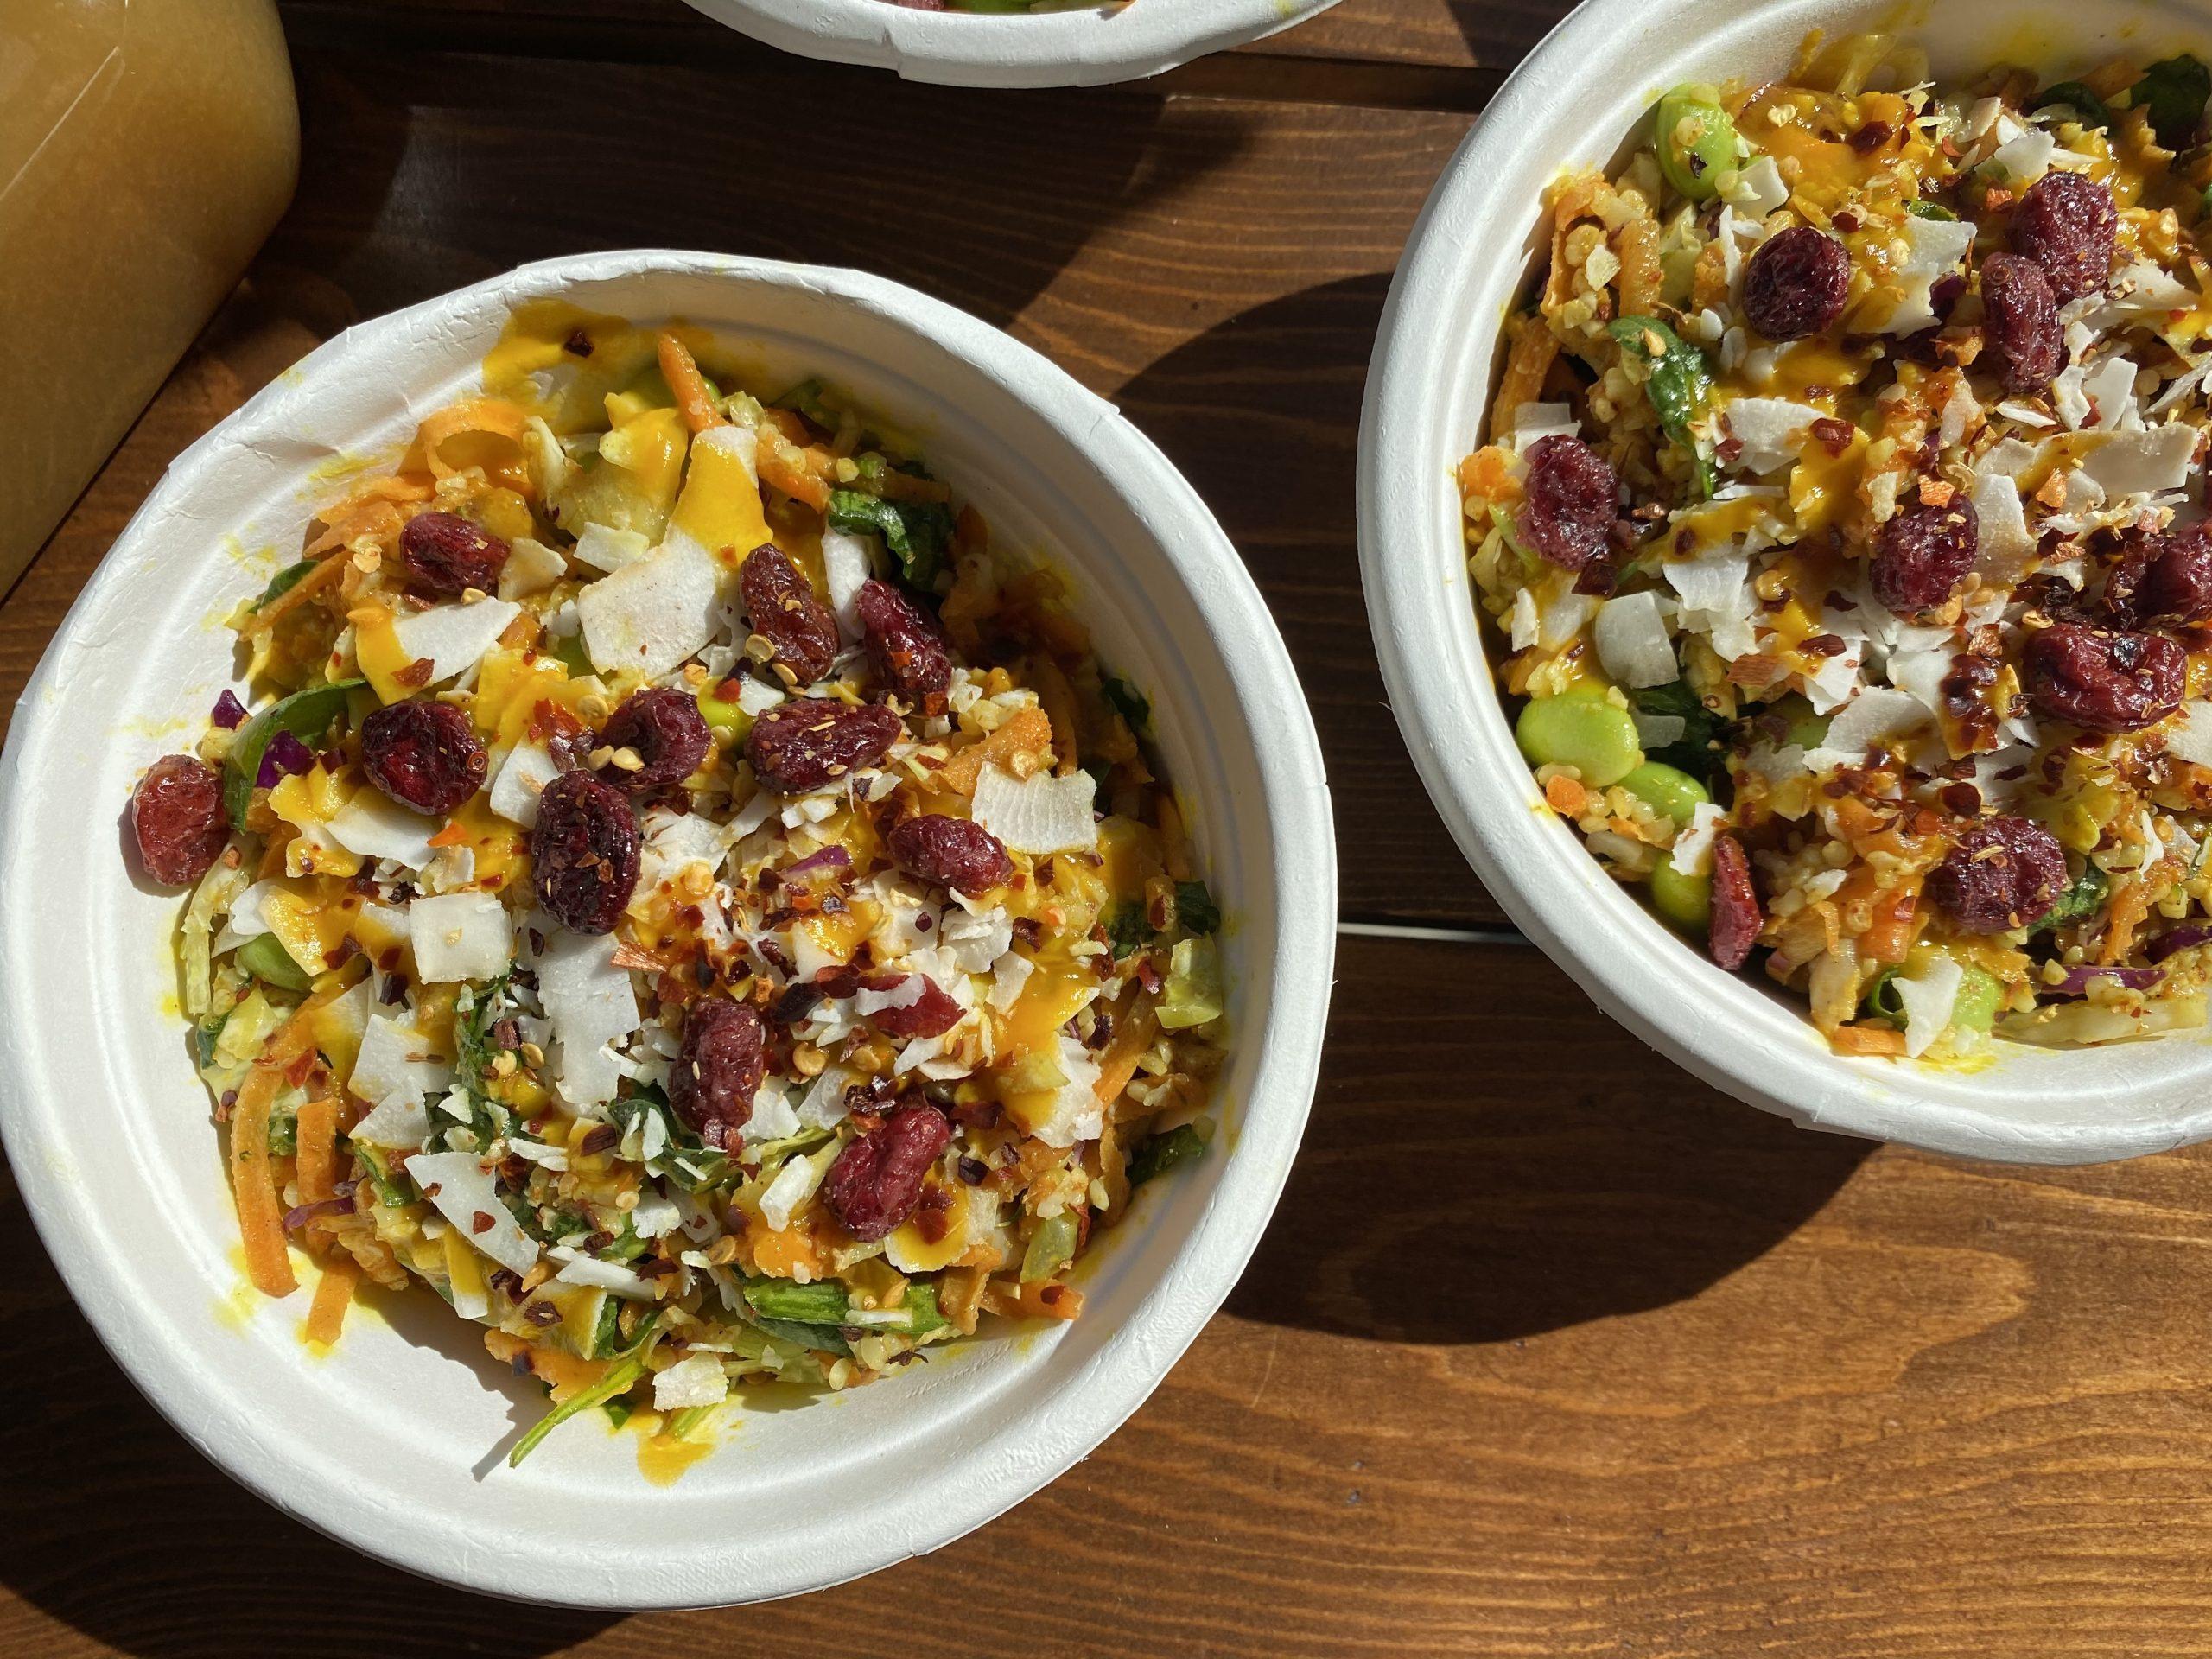 Eksotiske nyheder hos We Feat: Sprød, krydret bowl og frisk ice tea